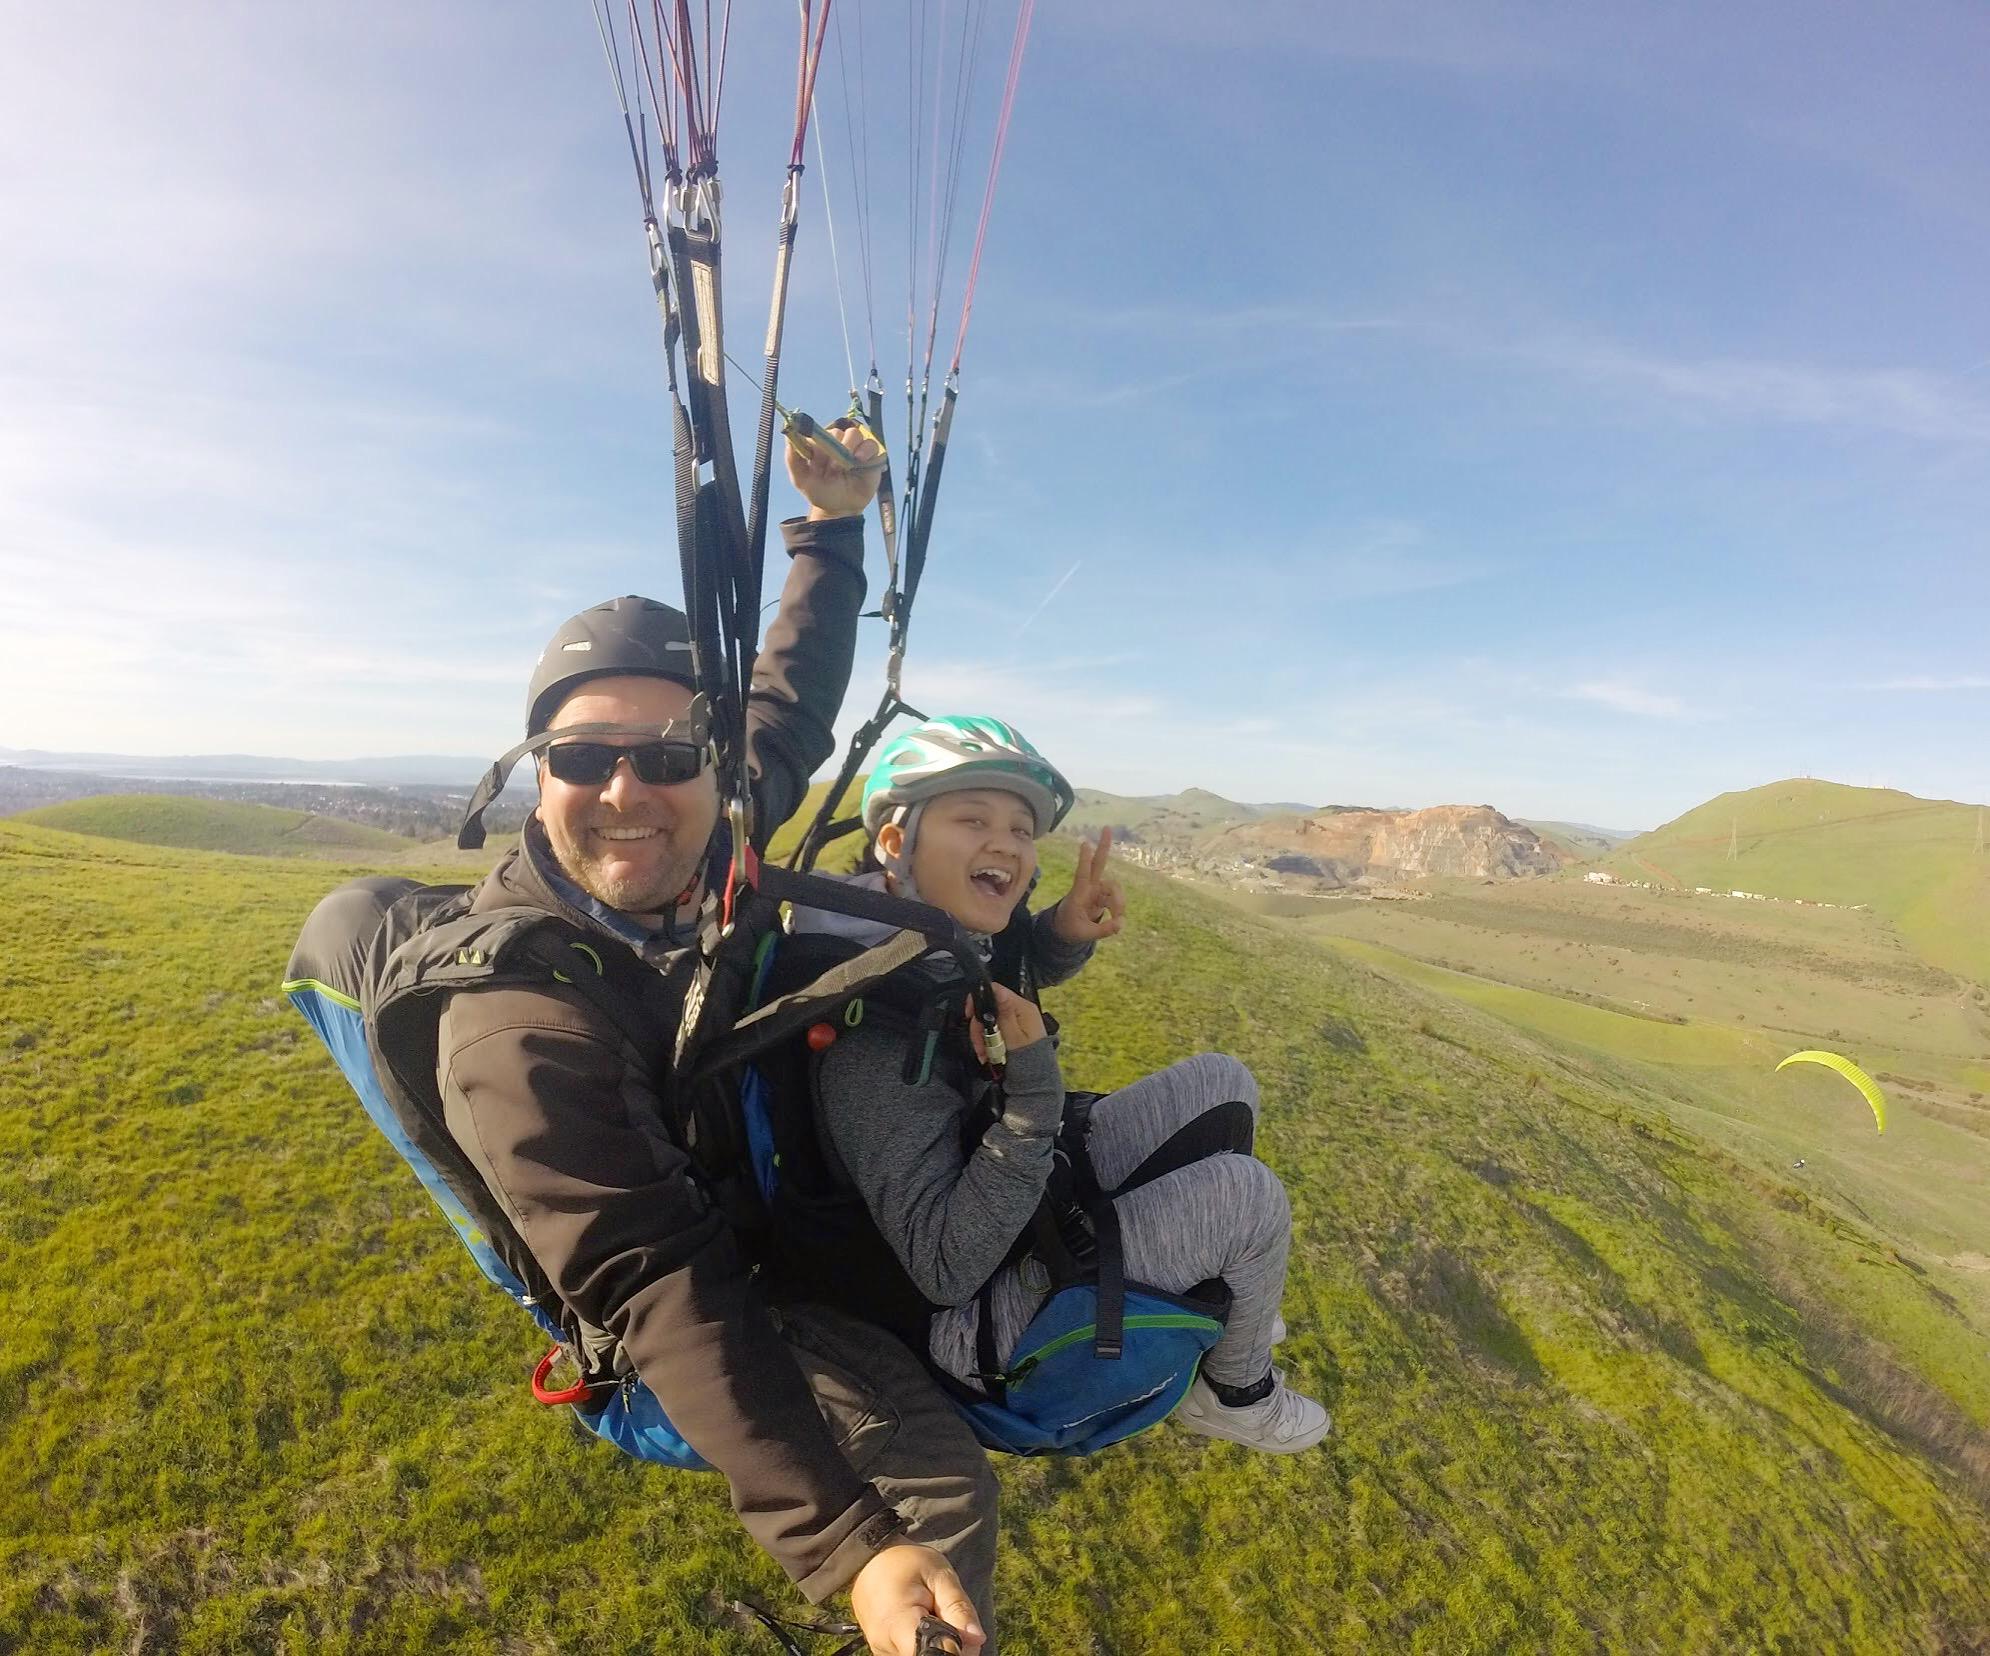 paragliding-bay-area-tandem.jpg